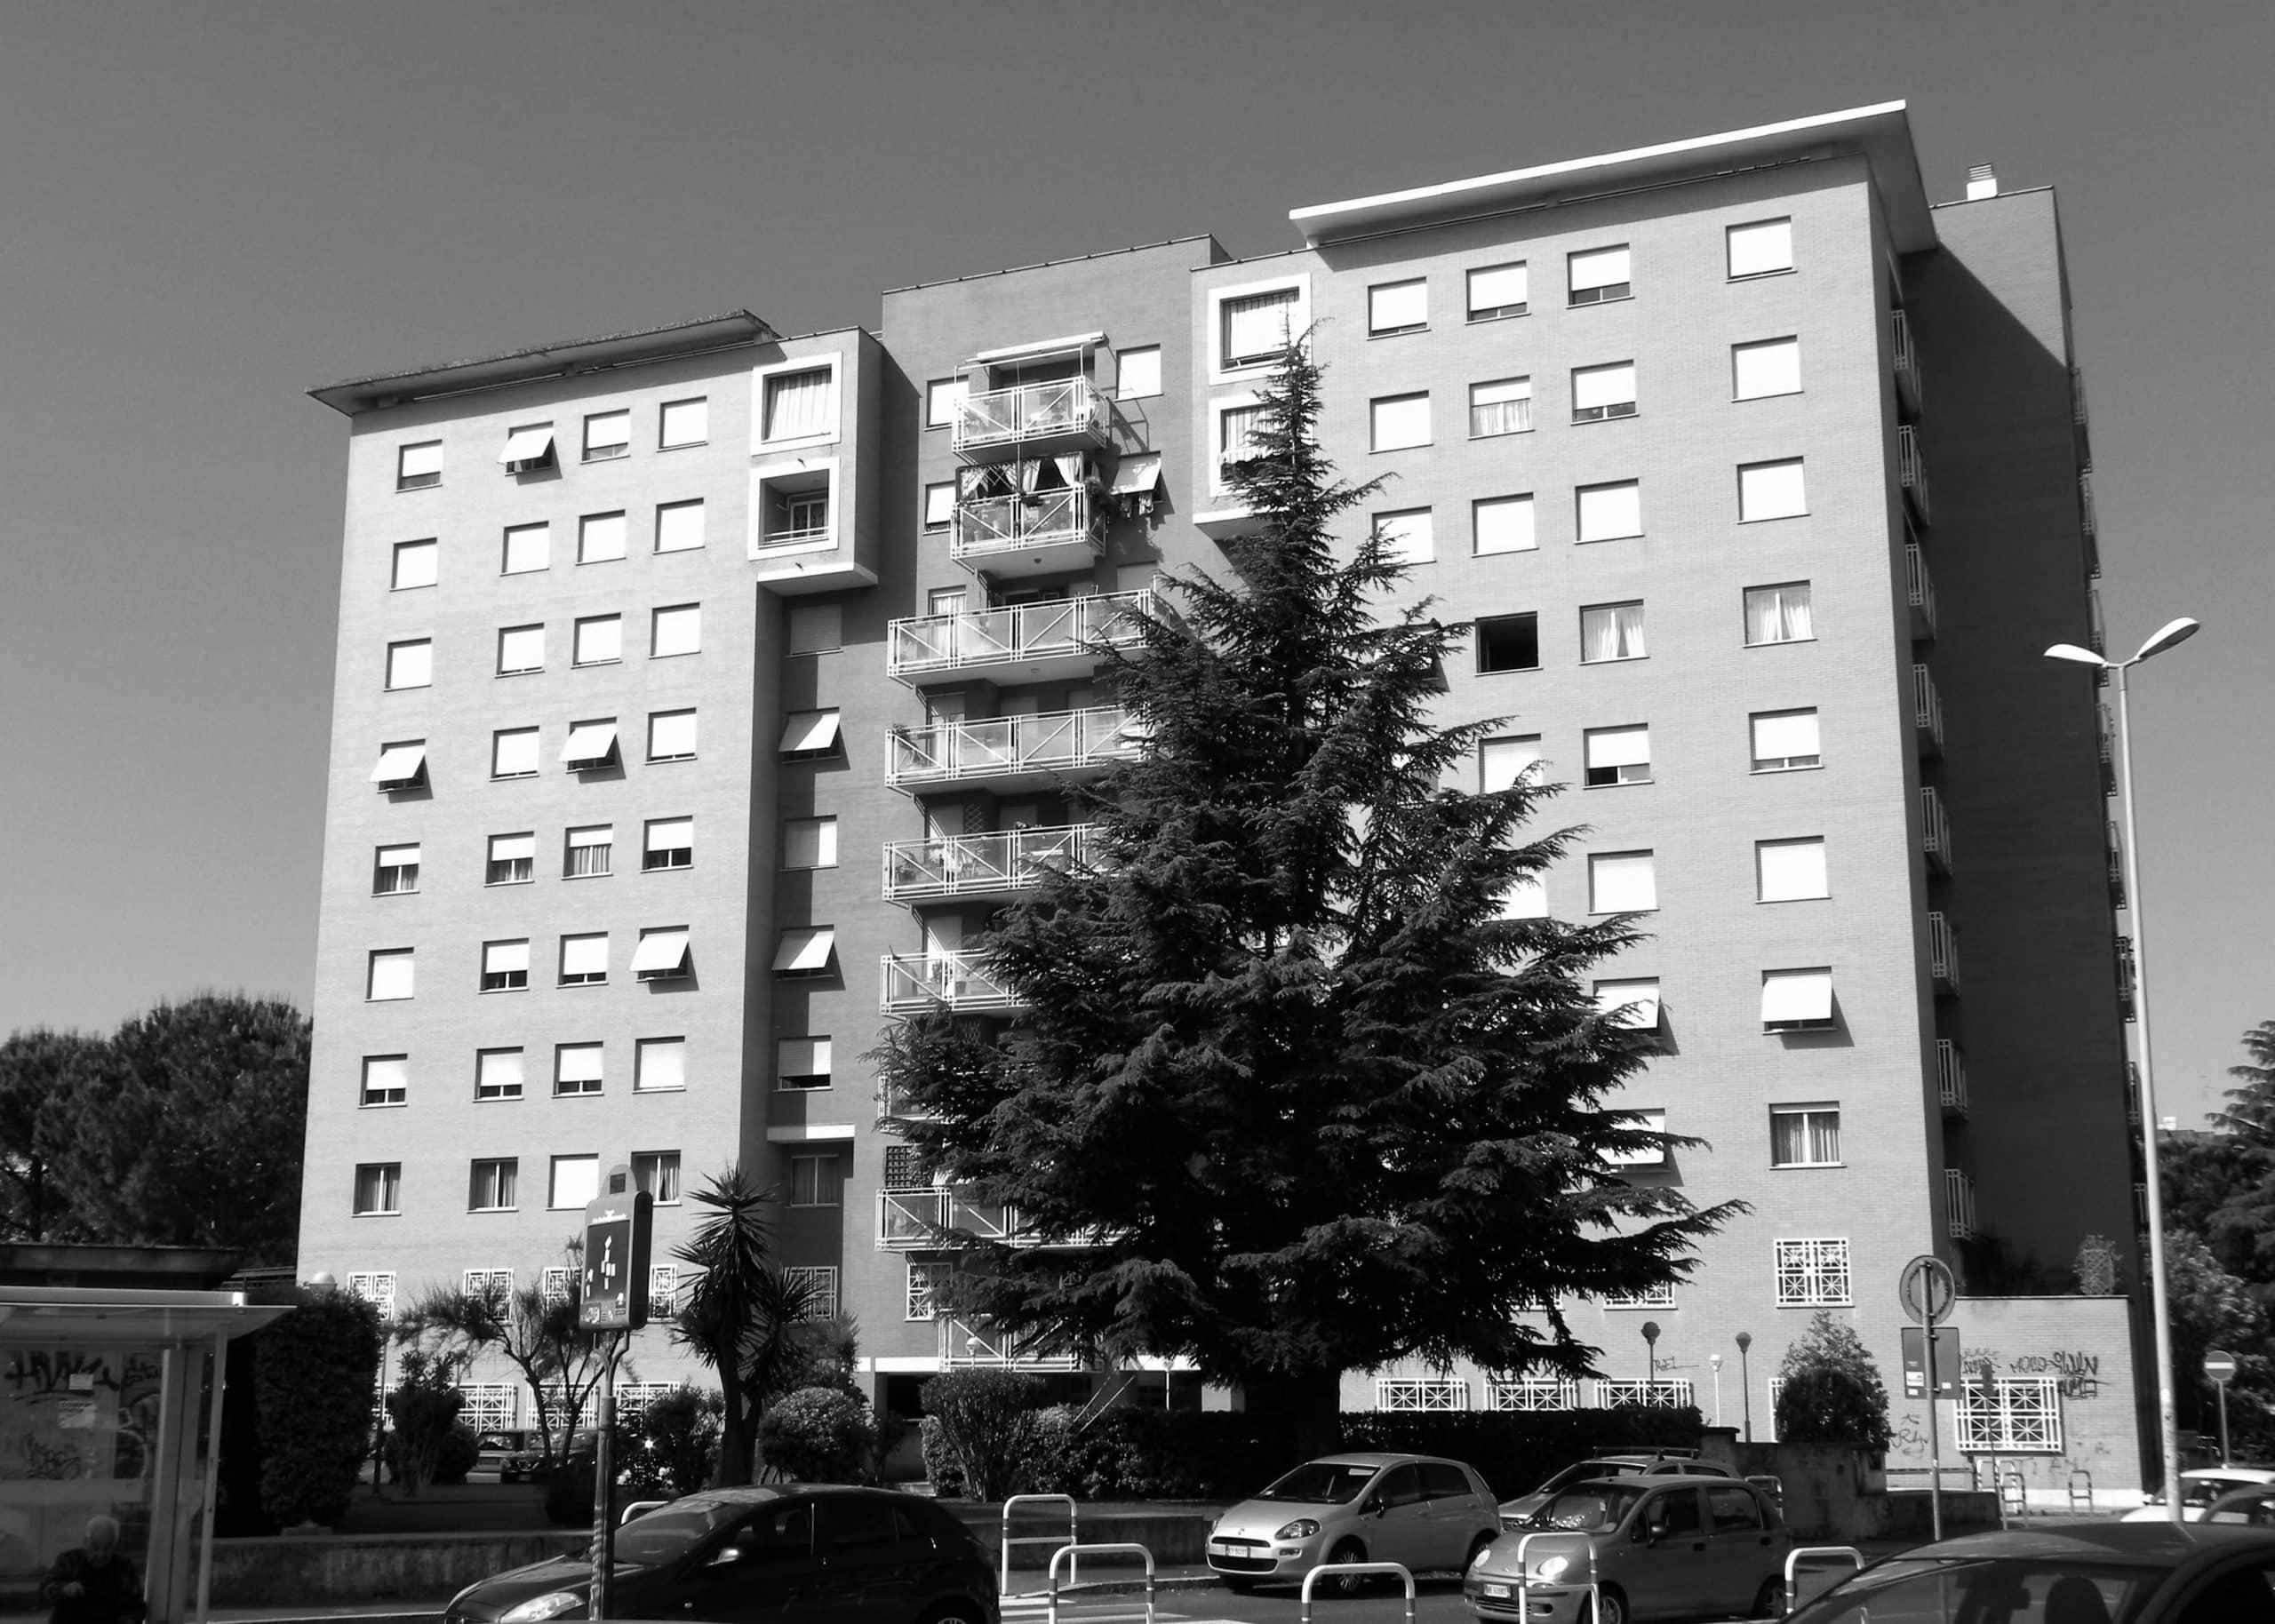 21 - Complesso residenziale per 216 alloggi e uffici nel PdZ Tiburtino Sud in via B. Bardanzellu, Roma - Vista esterna degli edifici residenziali